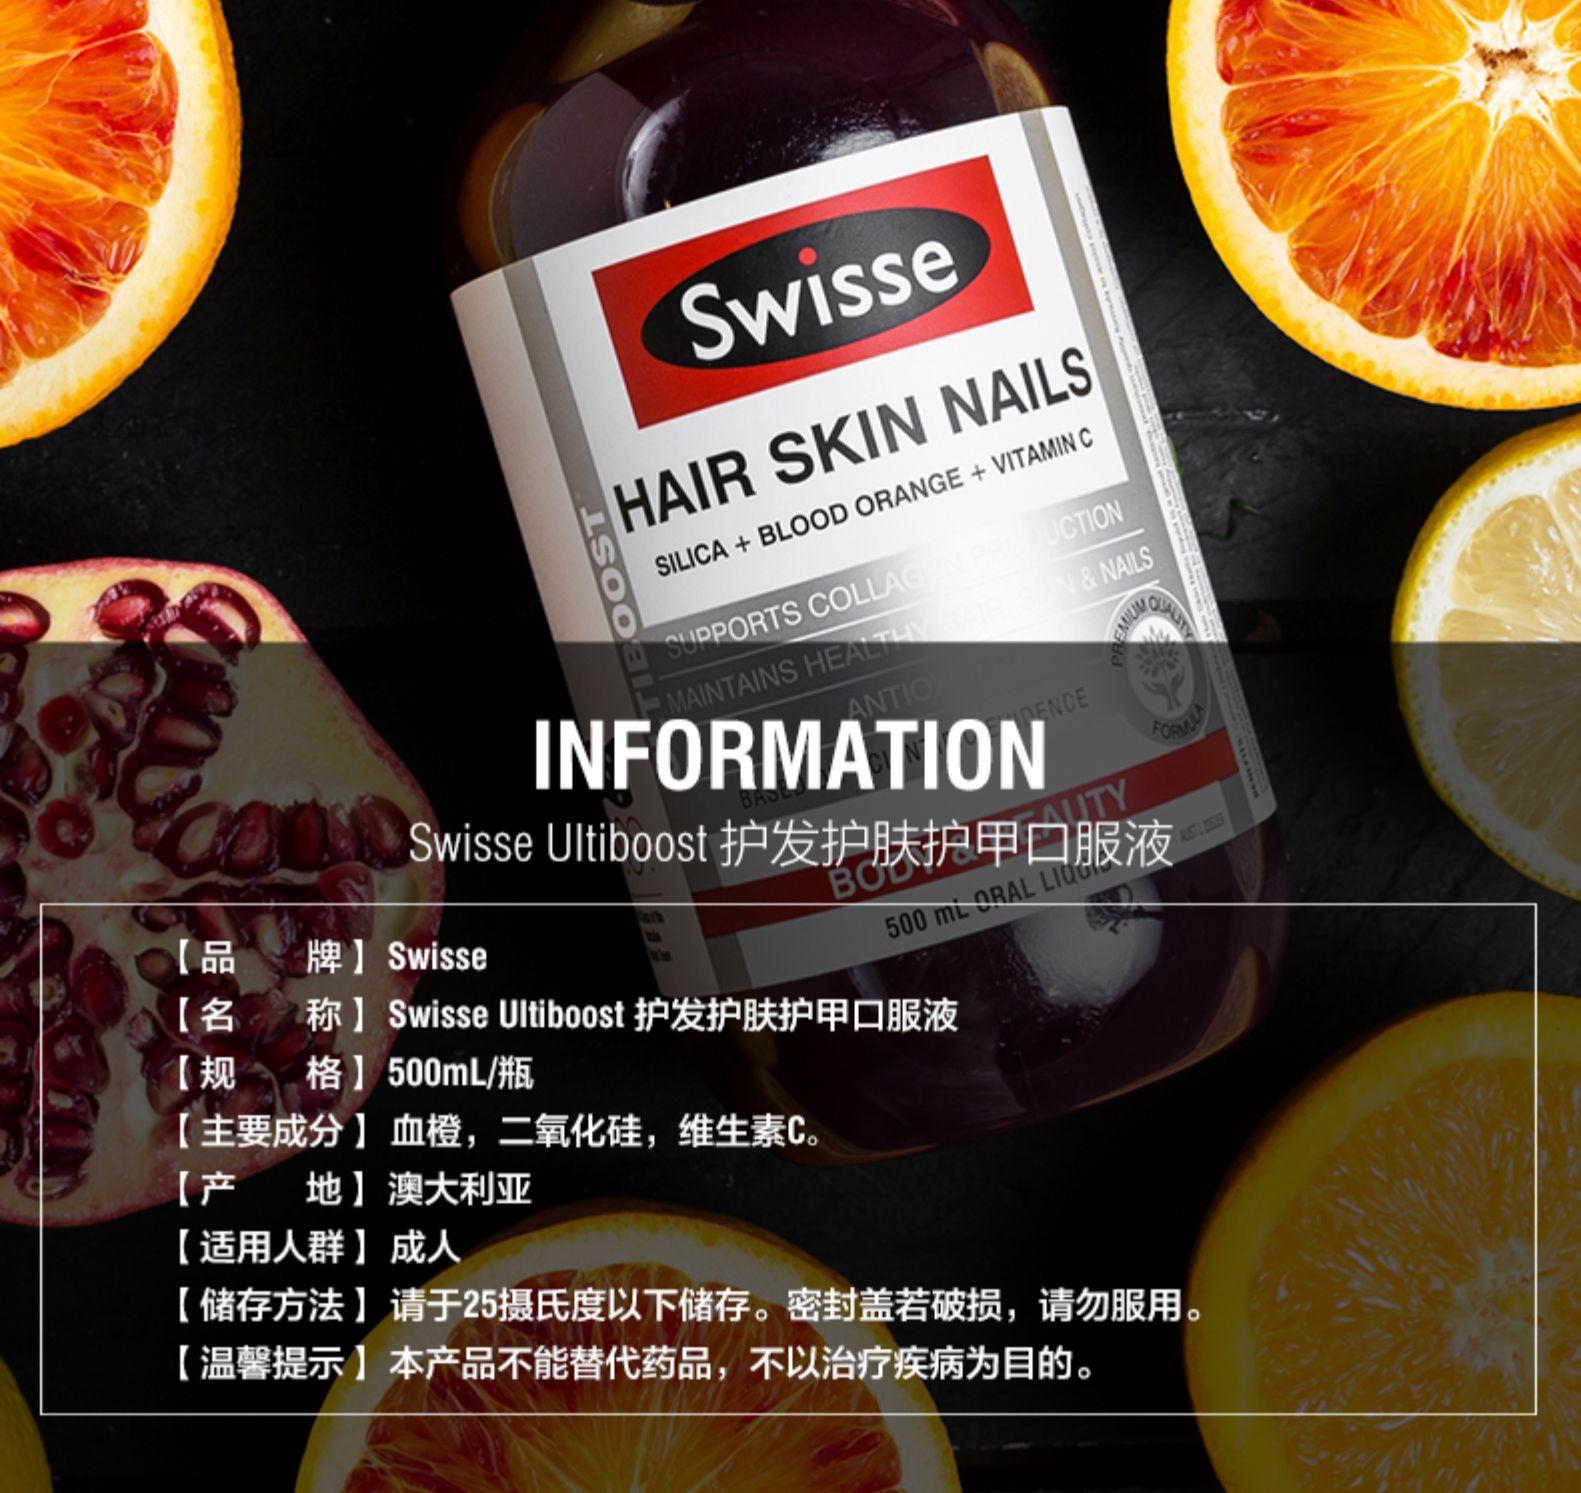 澳洲进口Swisse血橙精华口服液500ml 支持胶原蛋白合成 我们的产品 第5张